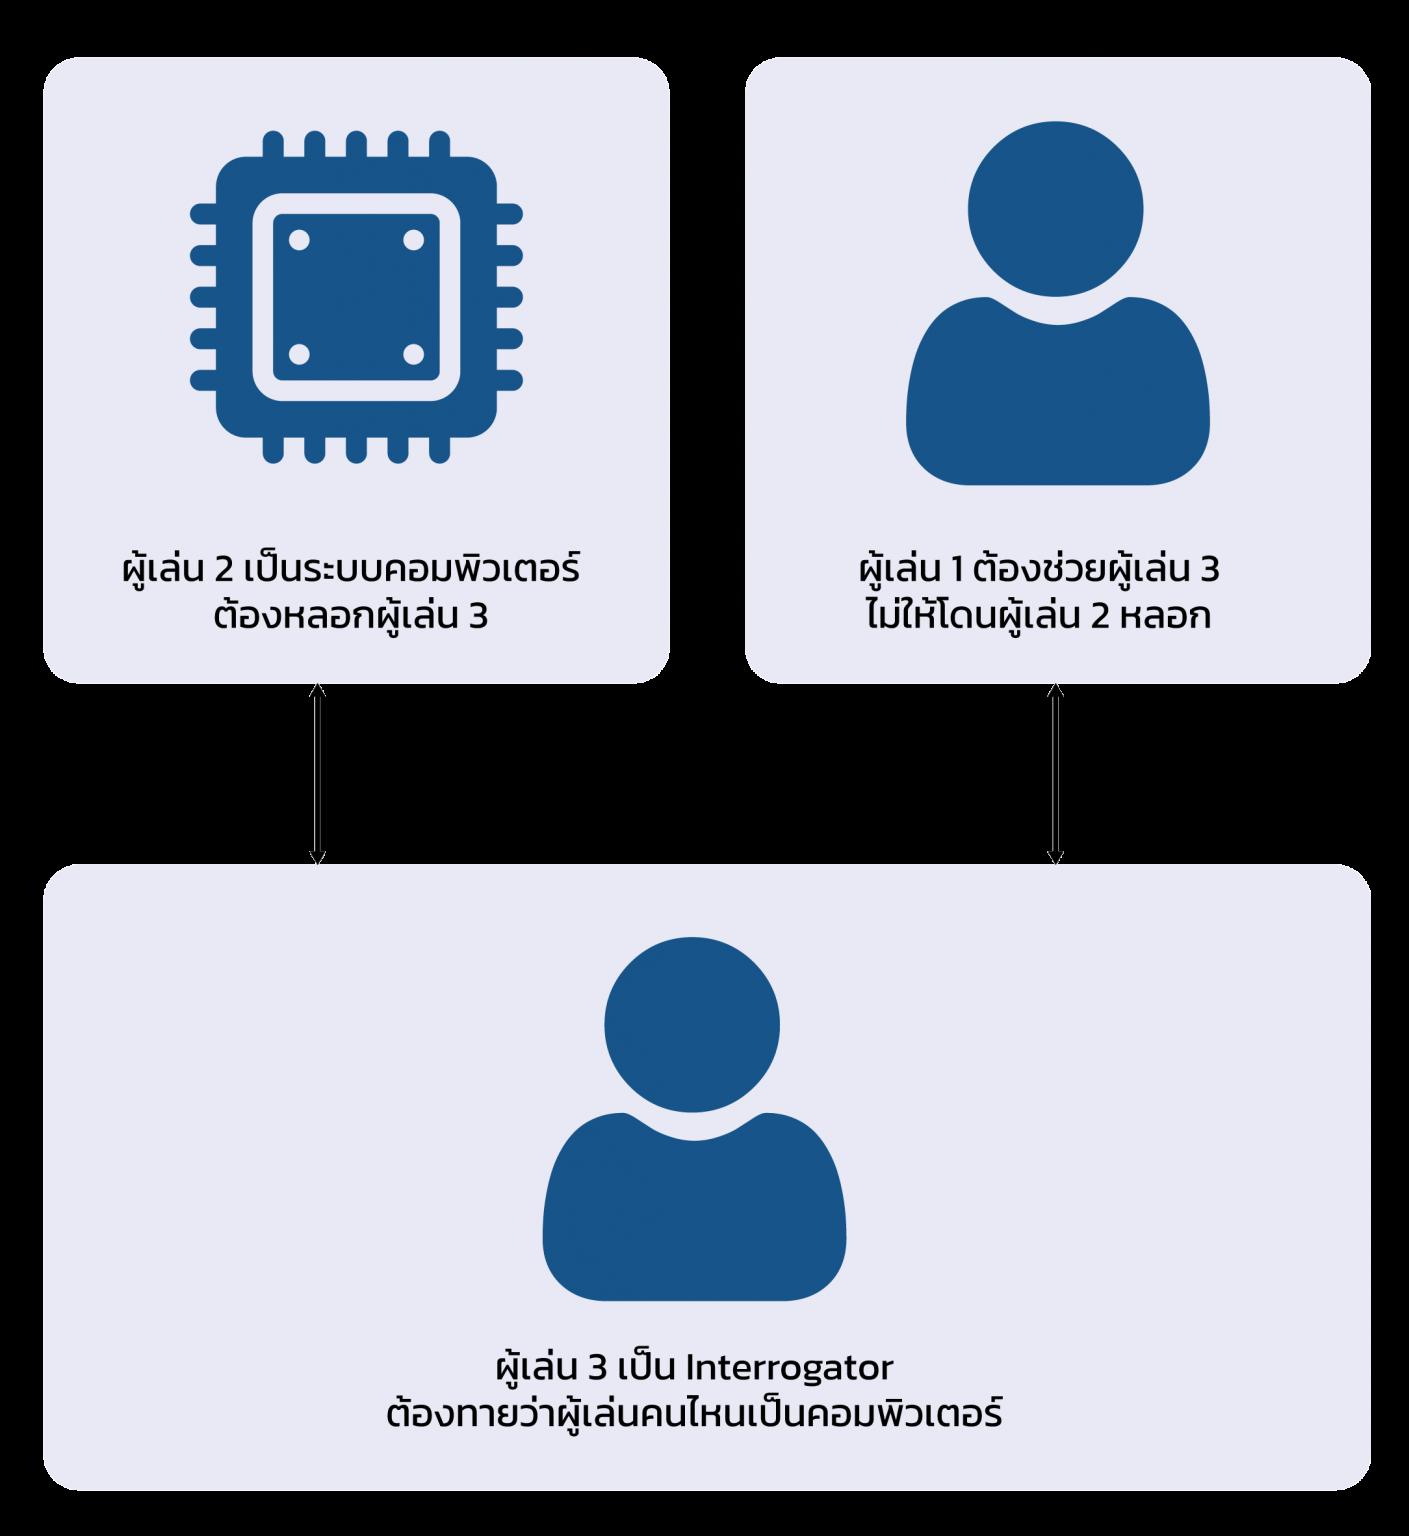 รูป 4 แผนภาพแสดงวิธีการทดสอบของทัวริง